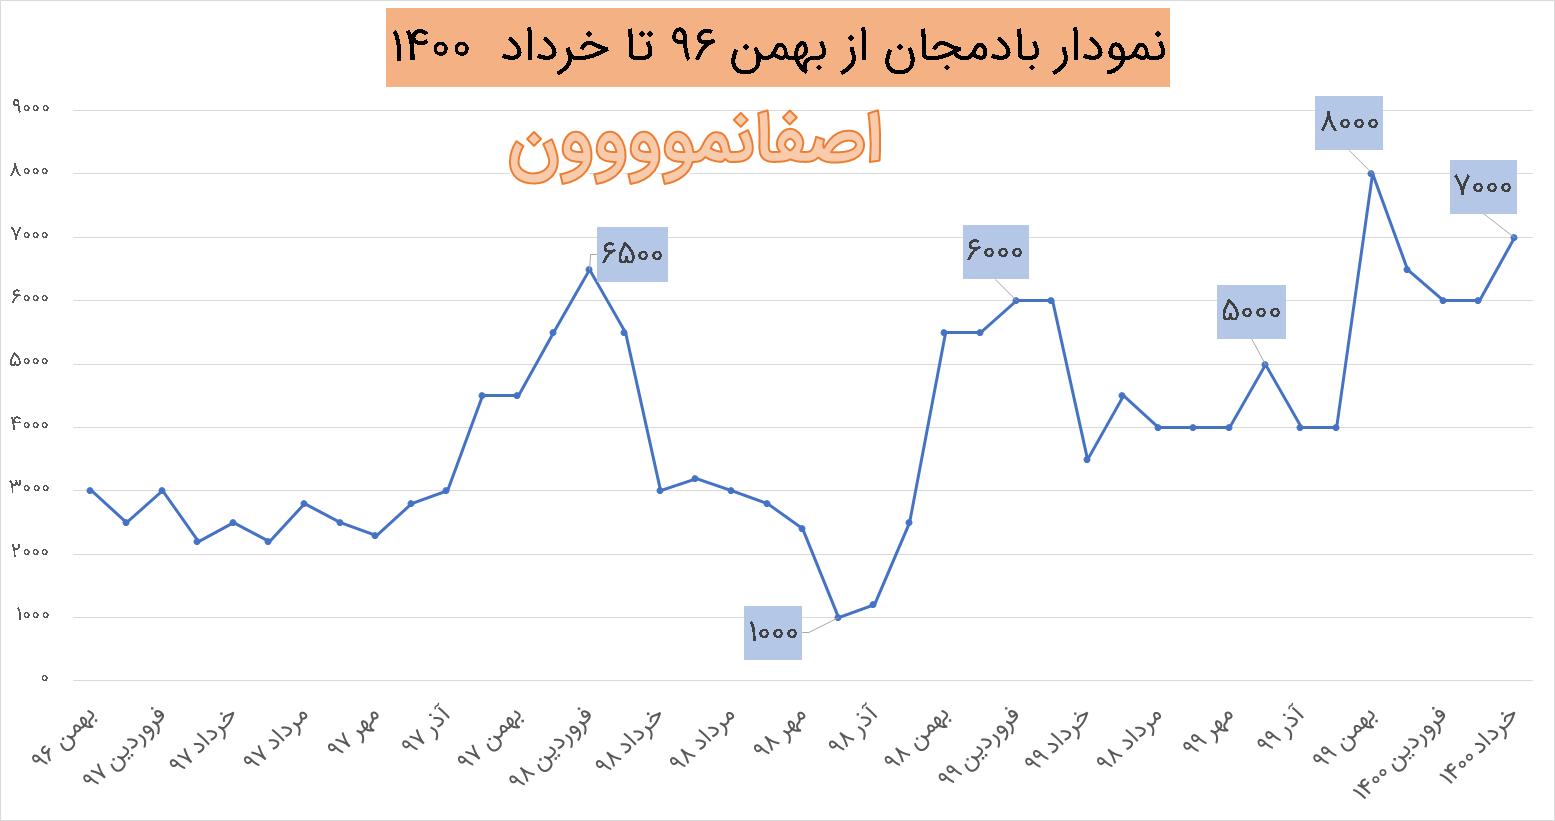 نمودار قیمت بادمجان در سال های 96 تا خرداد 1400